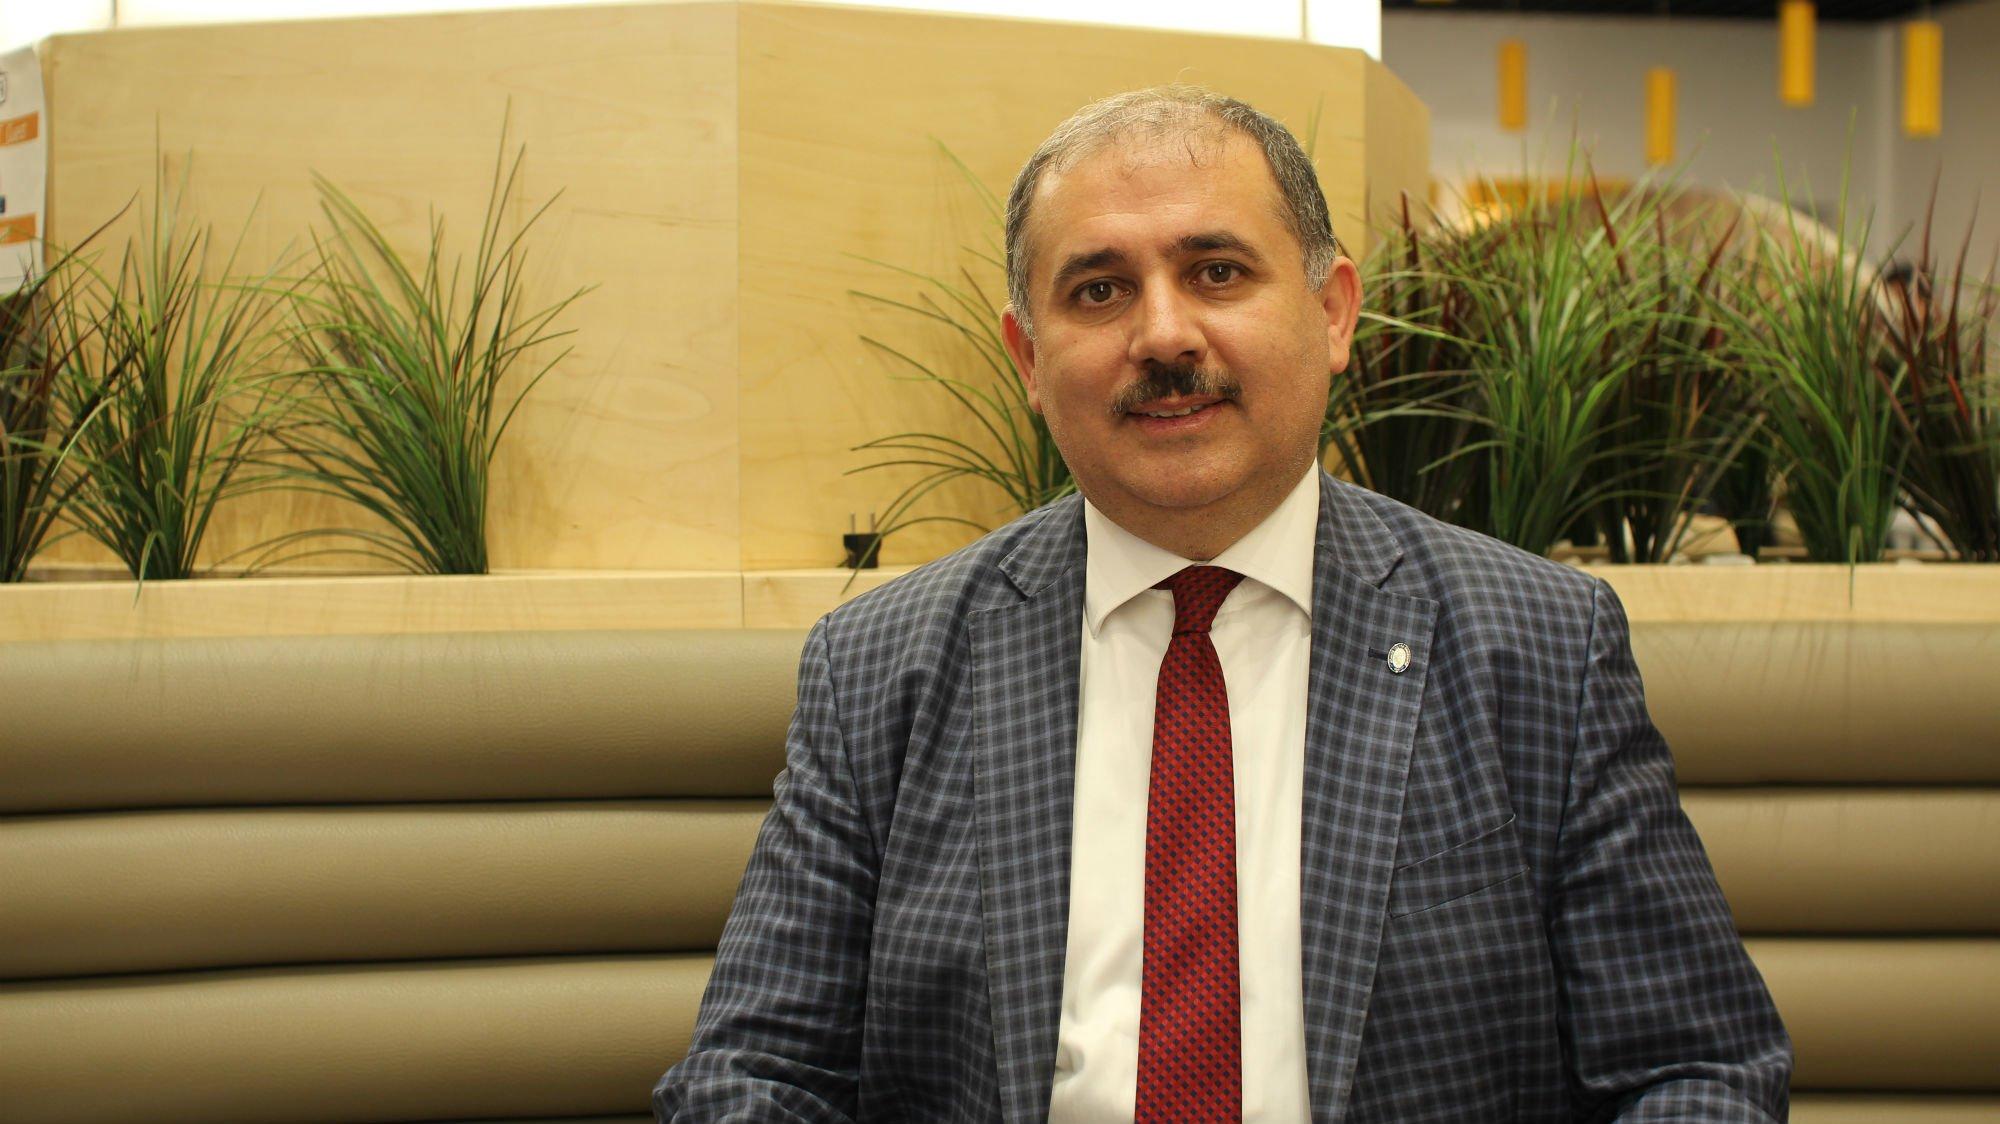 MEMSİS Çevre Teknolojileri Araştırma Geliştirme Genel Müdürü Prof. Dr. İsmail Koyuncu açıkladı